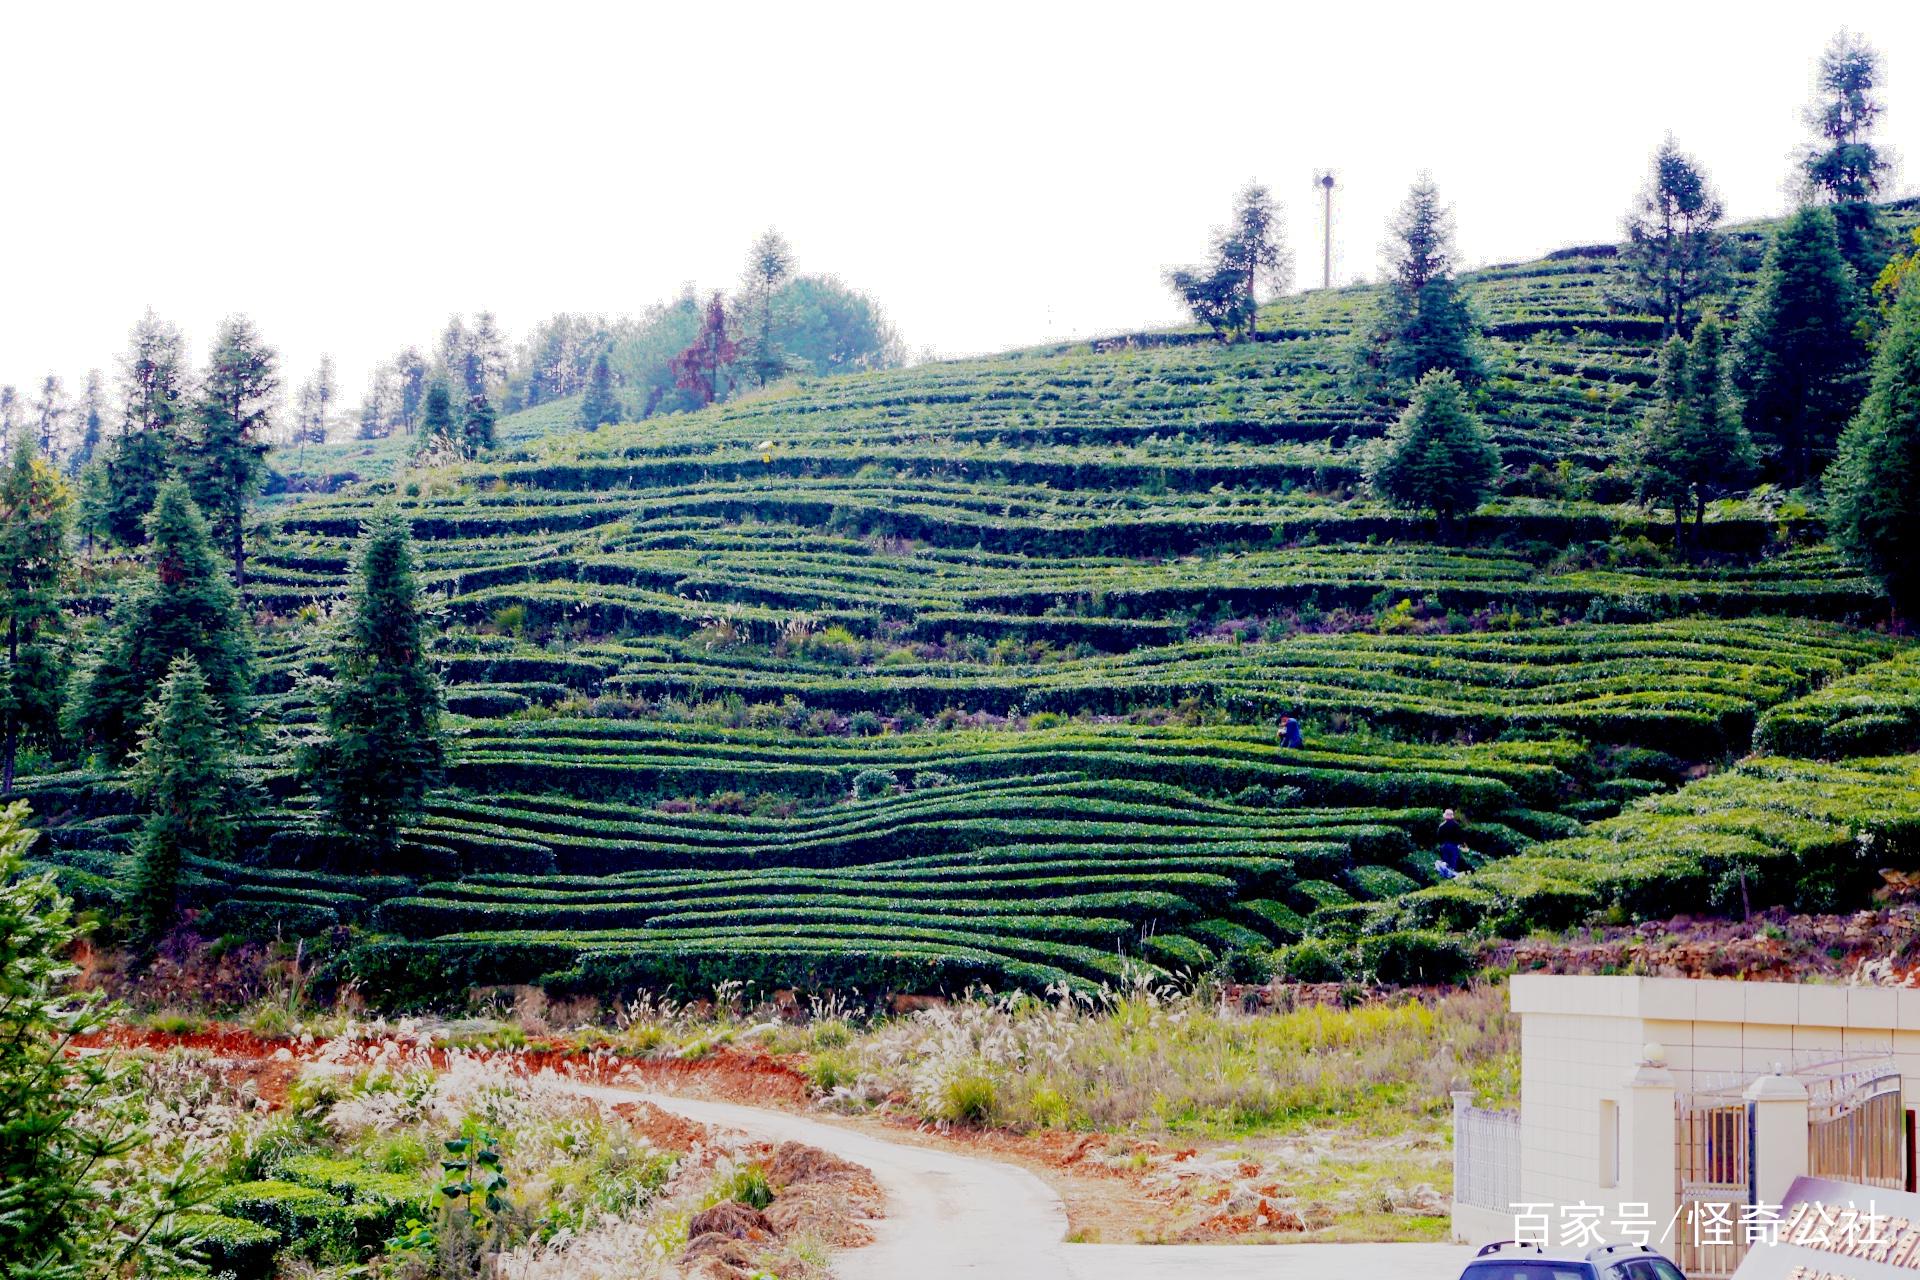 与古代丝绸之路有相同意义的万里茶道,是中国通往俄罗斯的一条陆上重要商道,如今的万里茶道,实际上还应包括远渡重洋进入欧洲的茶叶商路。 宜昌宜红茶,就是沿着这条万里茶道,走出了自己的品牌,将红茶的芬芳香遍全世界,也让世界知晓了在中国大陆中心地带的一个美丽城市宜昌。  游客在茶园体验采摘乐趣。 宜昌是万里茶道重要节点城市,是中国传统三大红茶之一宜红茶的主要原产地,是农业部规划的长江上中游特色和出口绿茶重点区域,2017年全市茶叶面积达到93.